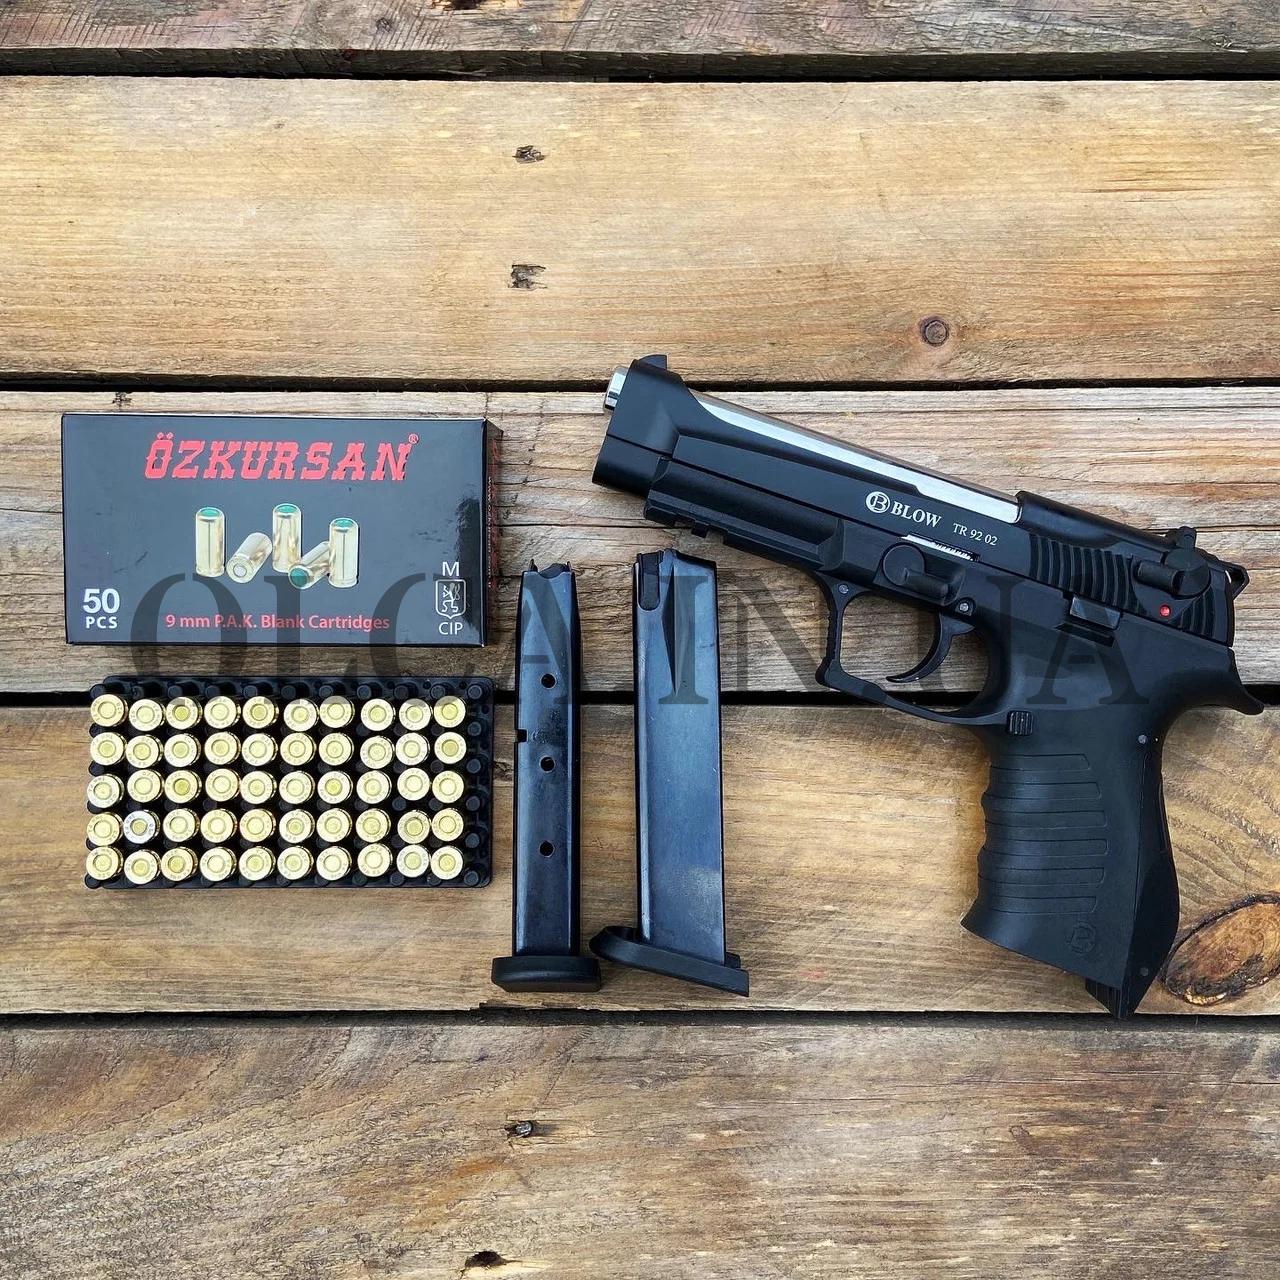 Стартовый пистолет Blow TR 9202 + 50 патронов Ozkursan кал. 9 мм